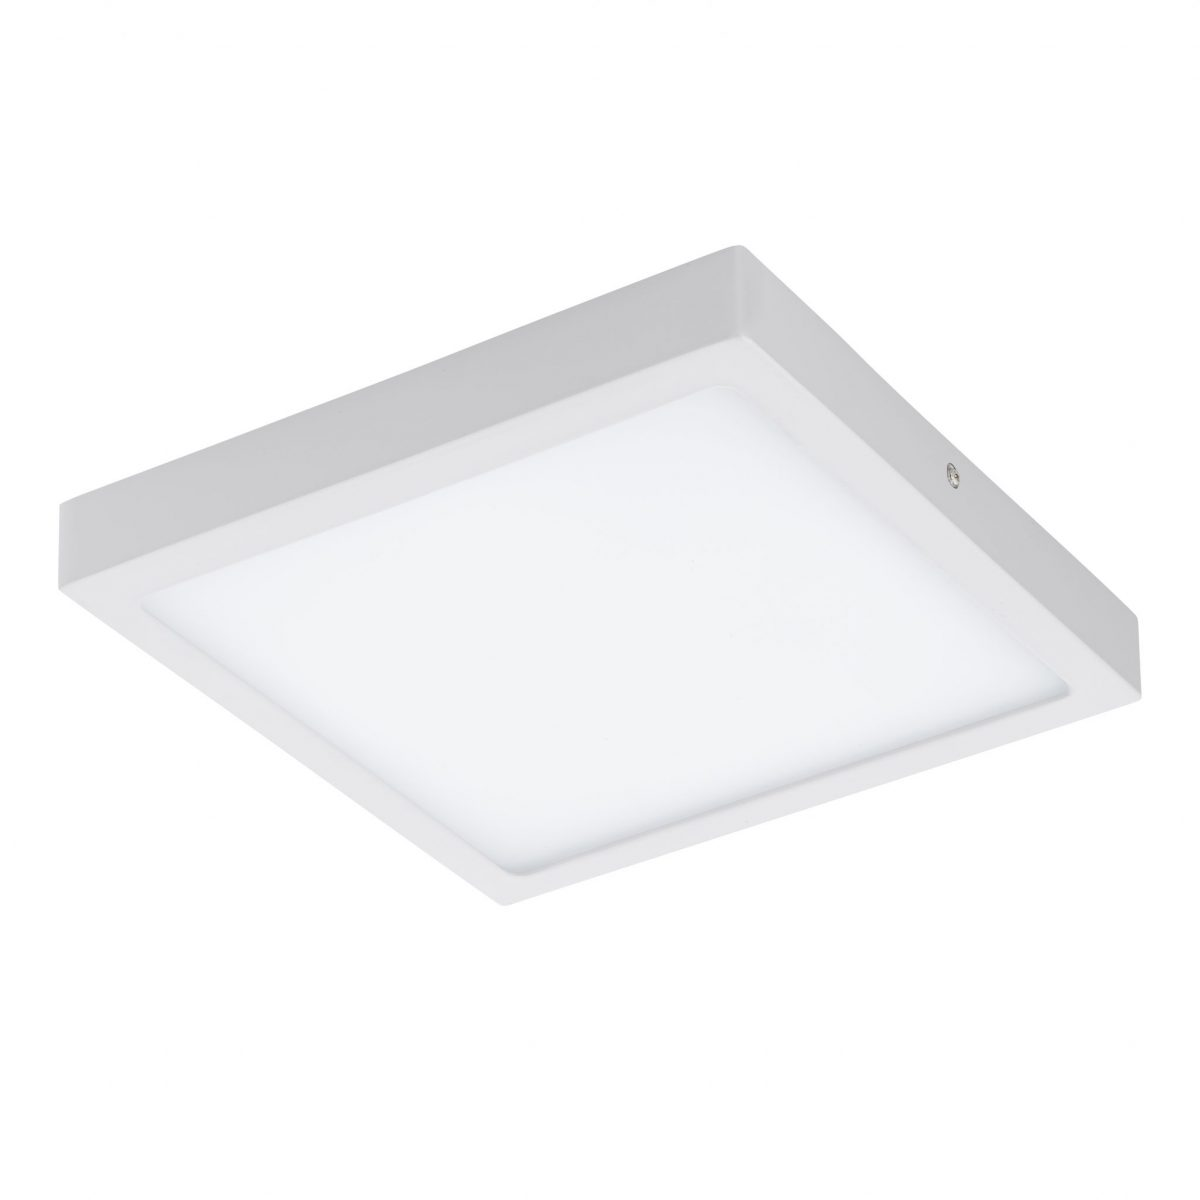 Светильник настенно-потолочный FUEVA 1 EGLO 96254 - Фото №28